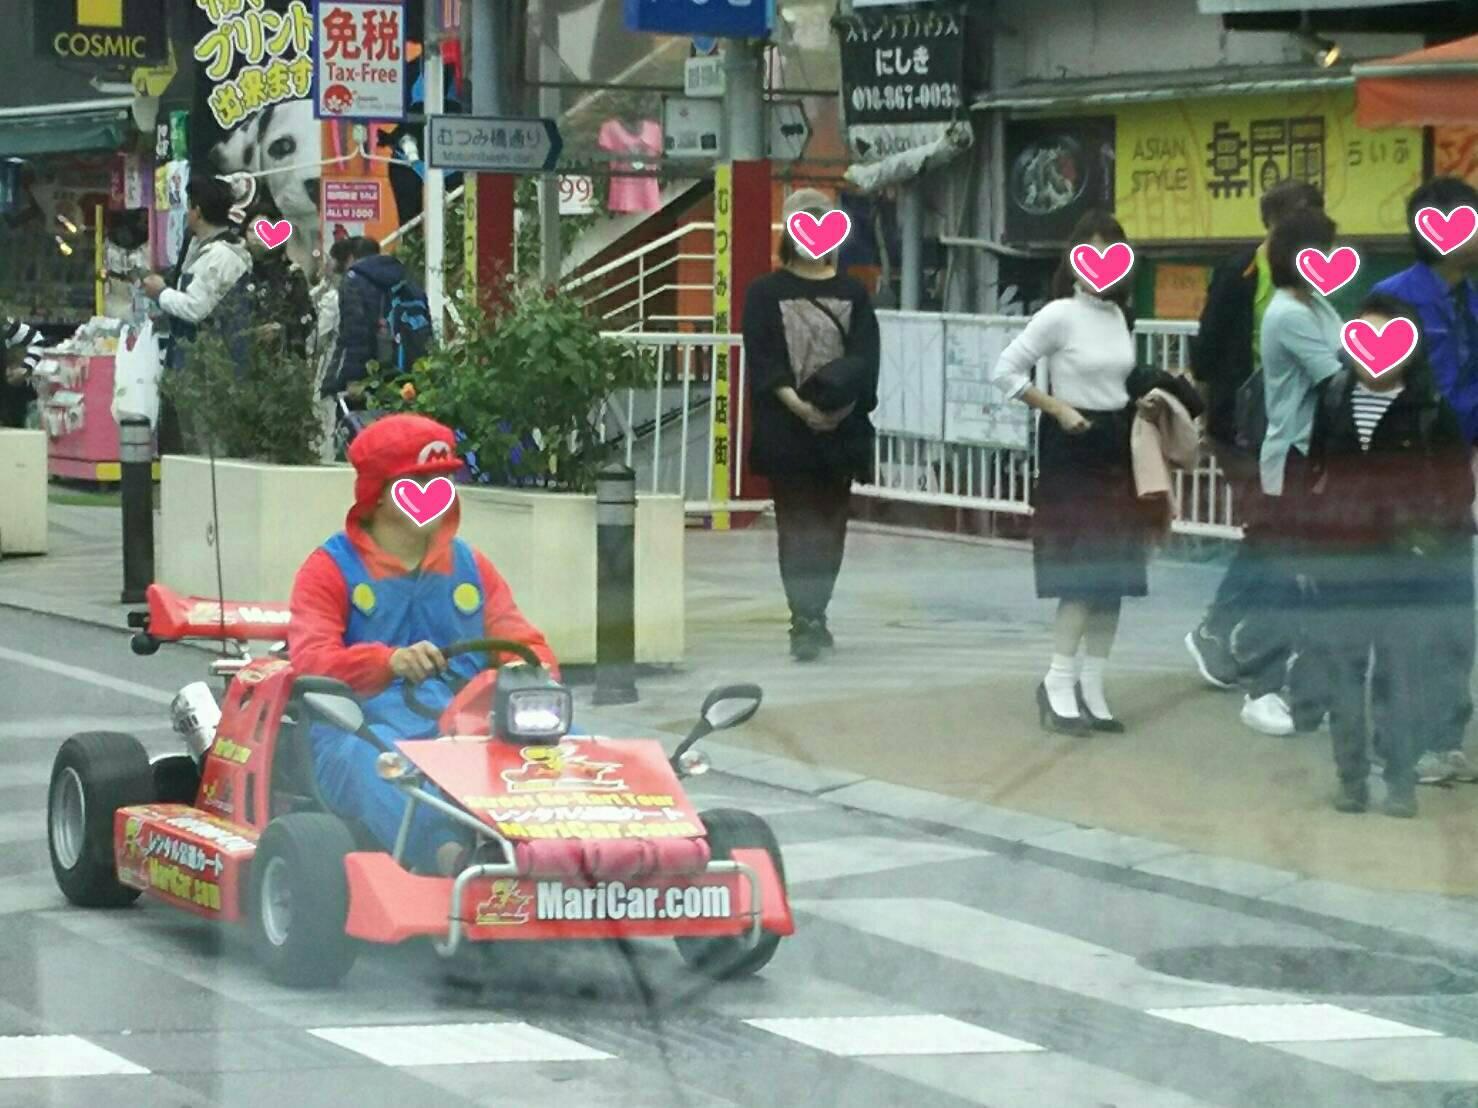 まかせて那覇へ 久々のポスティング応援@まかせて沖縄